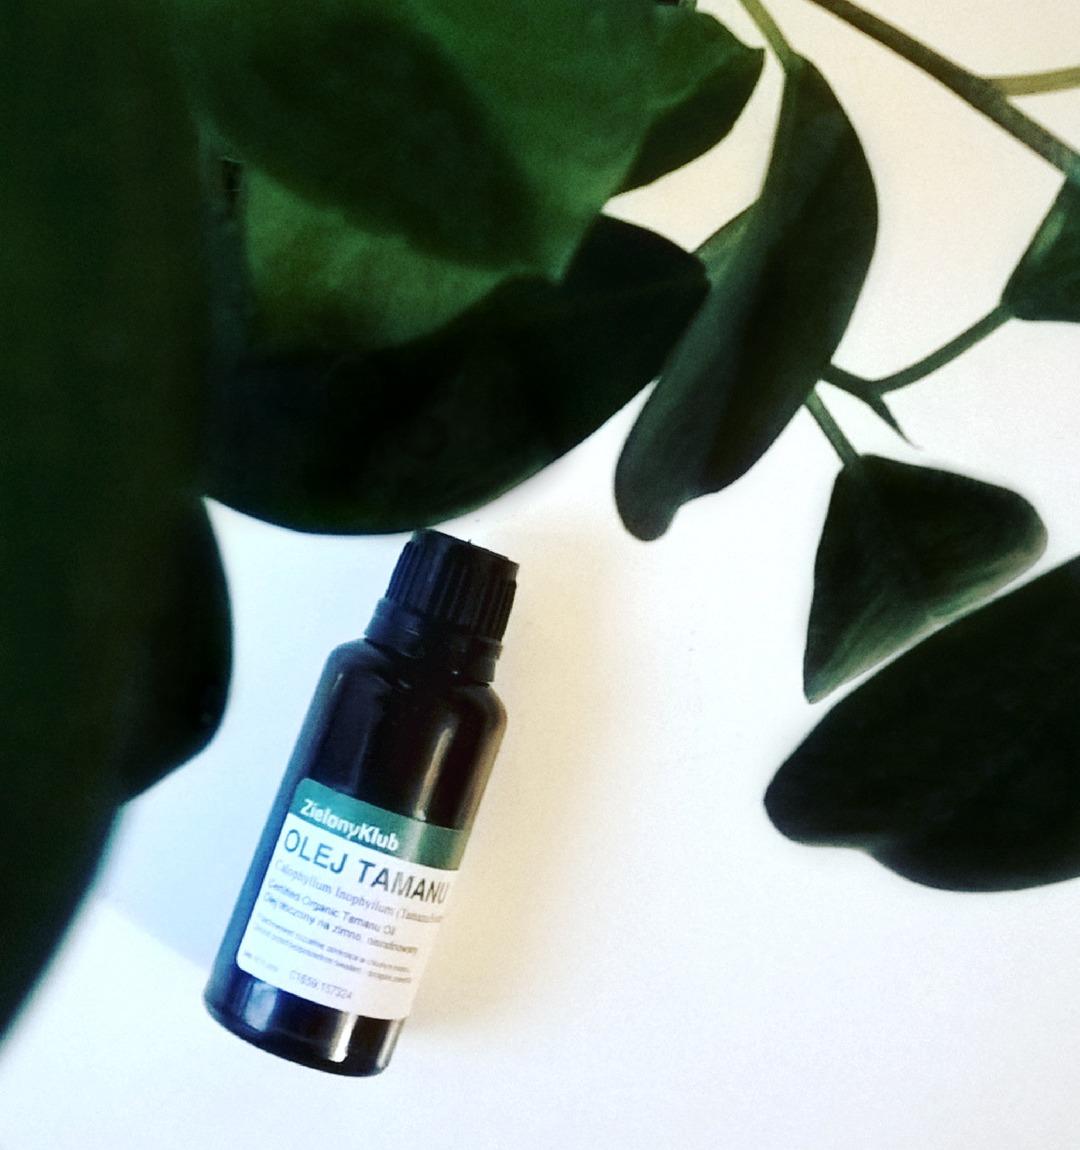 Właściwości oleju tamanu do twarzy i włosów, leczące